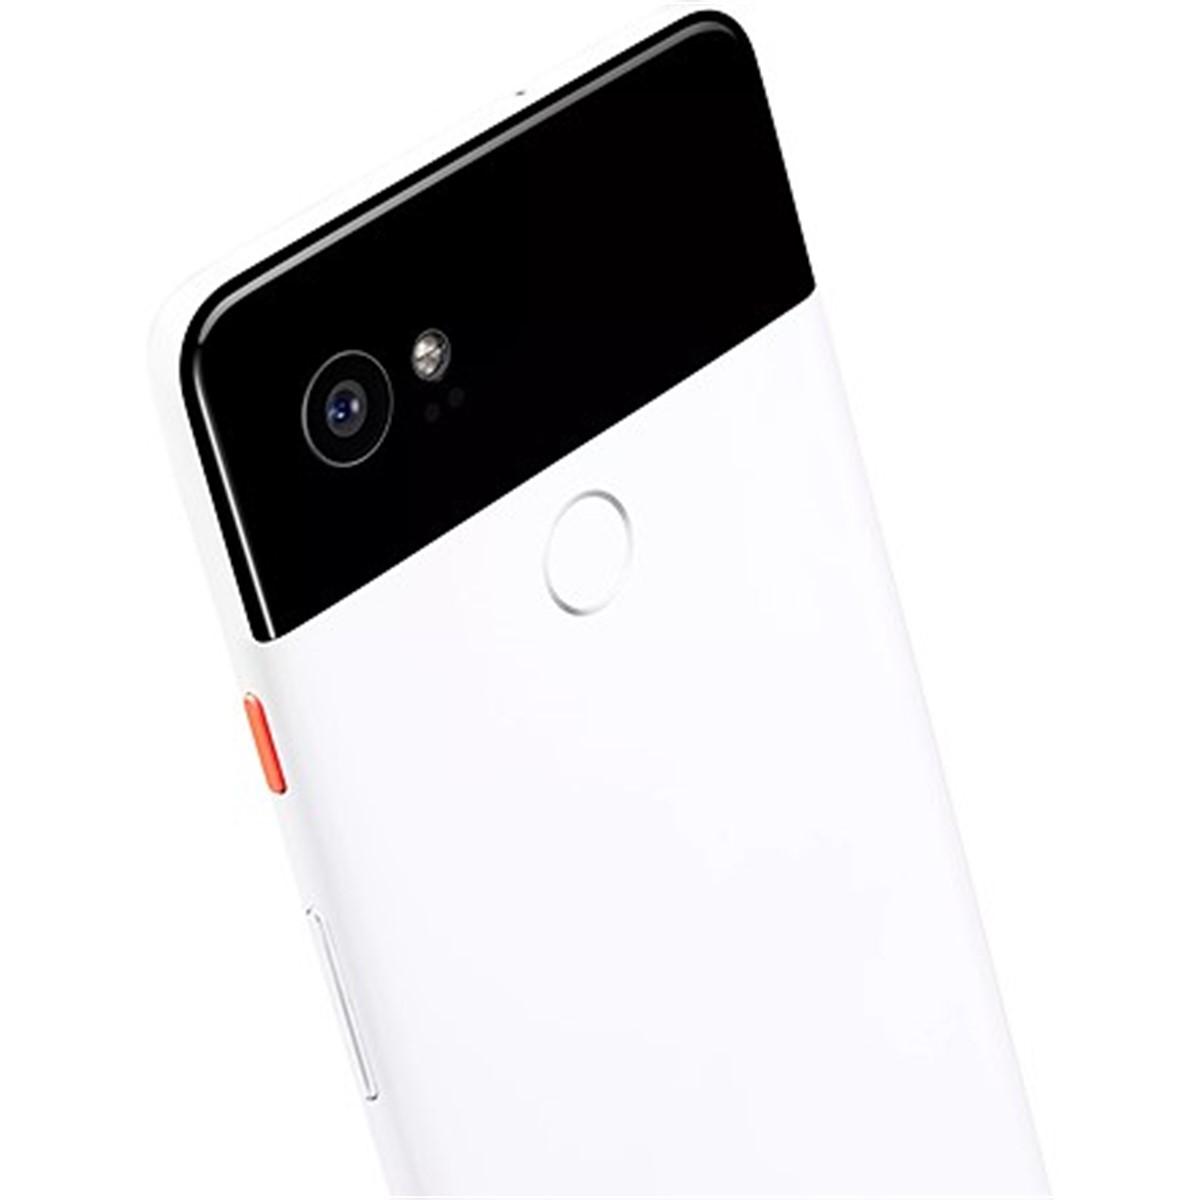 Google Camera Apk